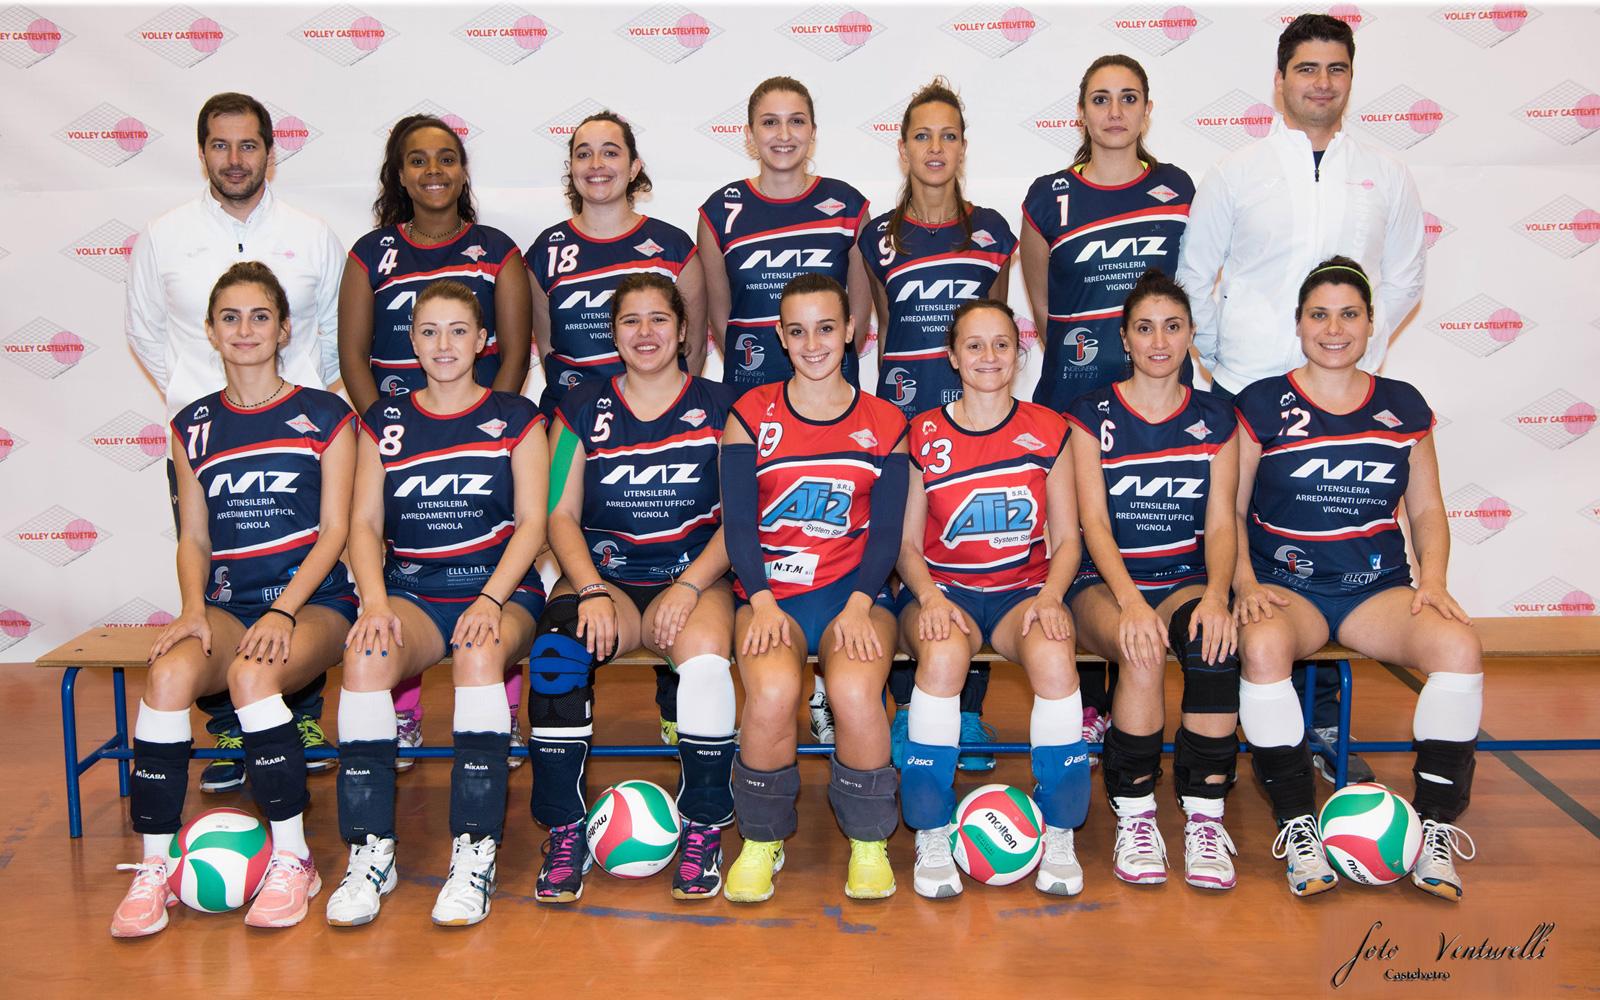 Volley Castelvetro 1Div Fipav